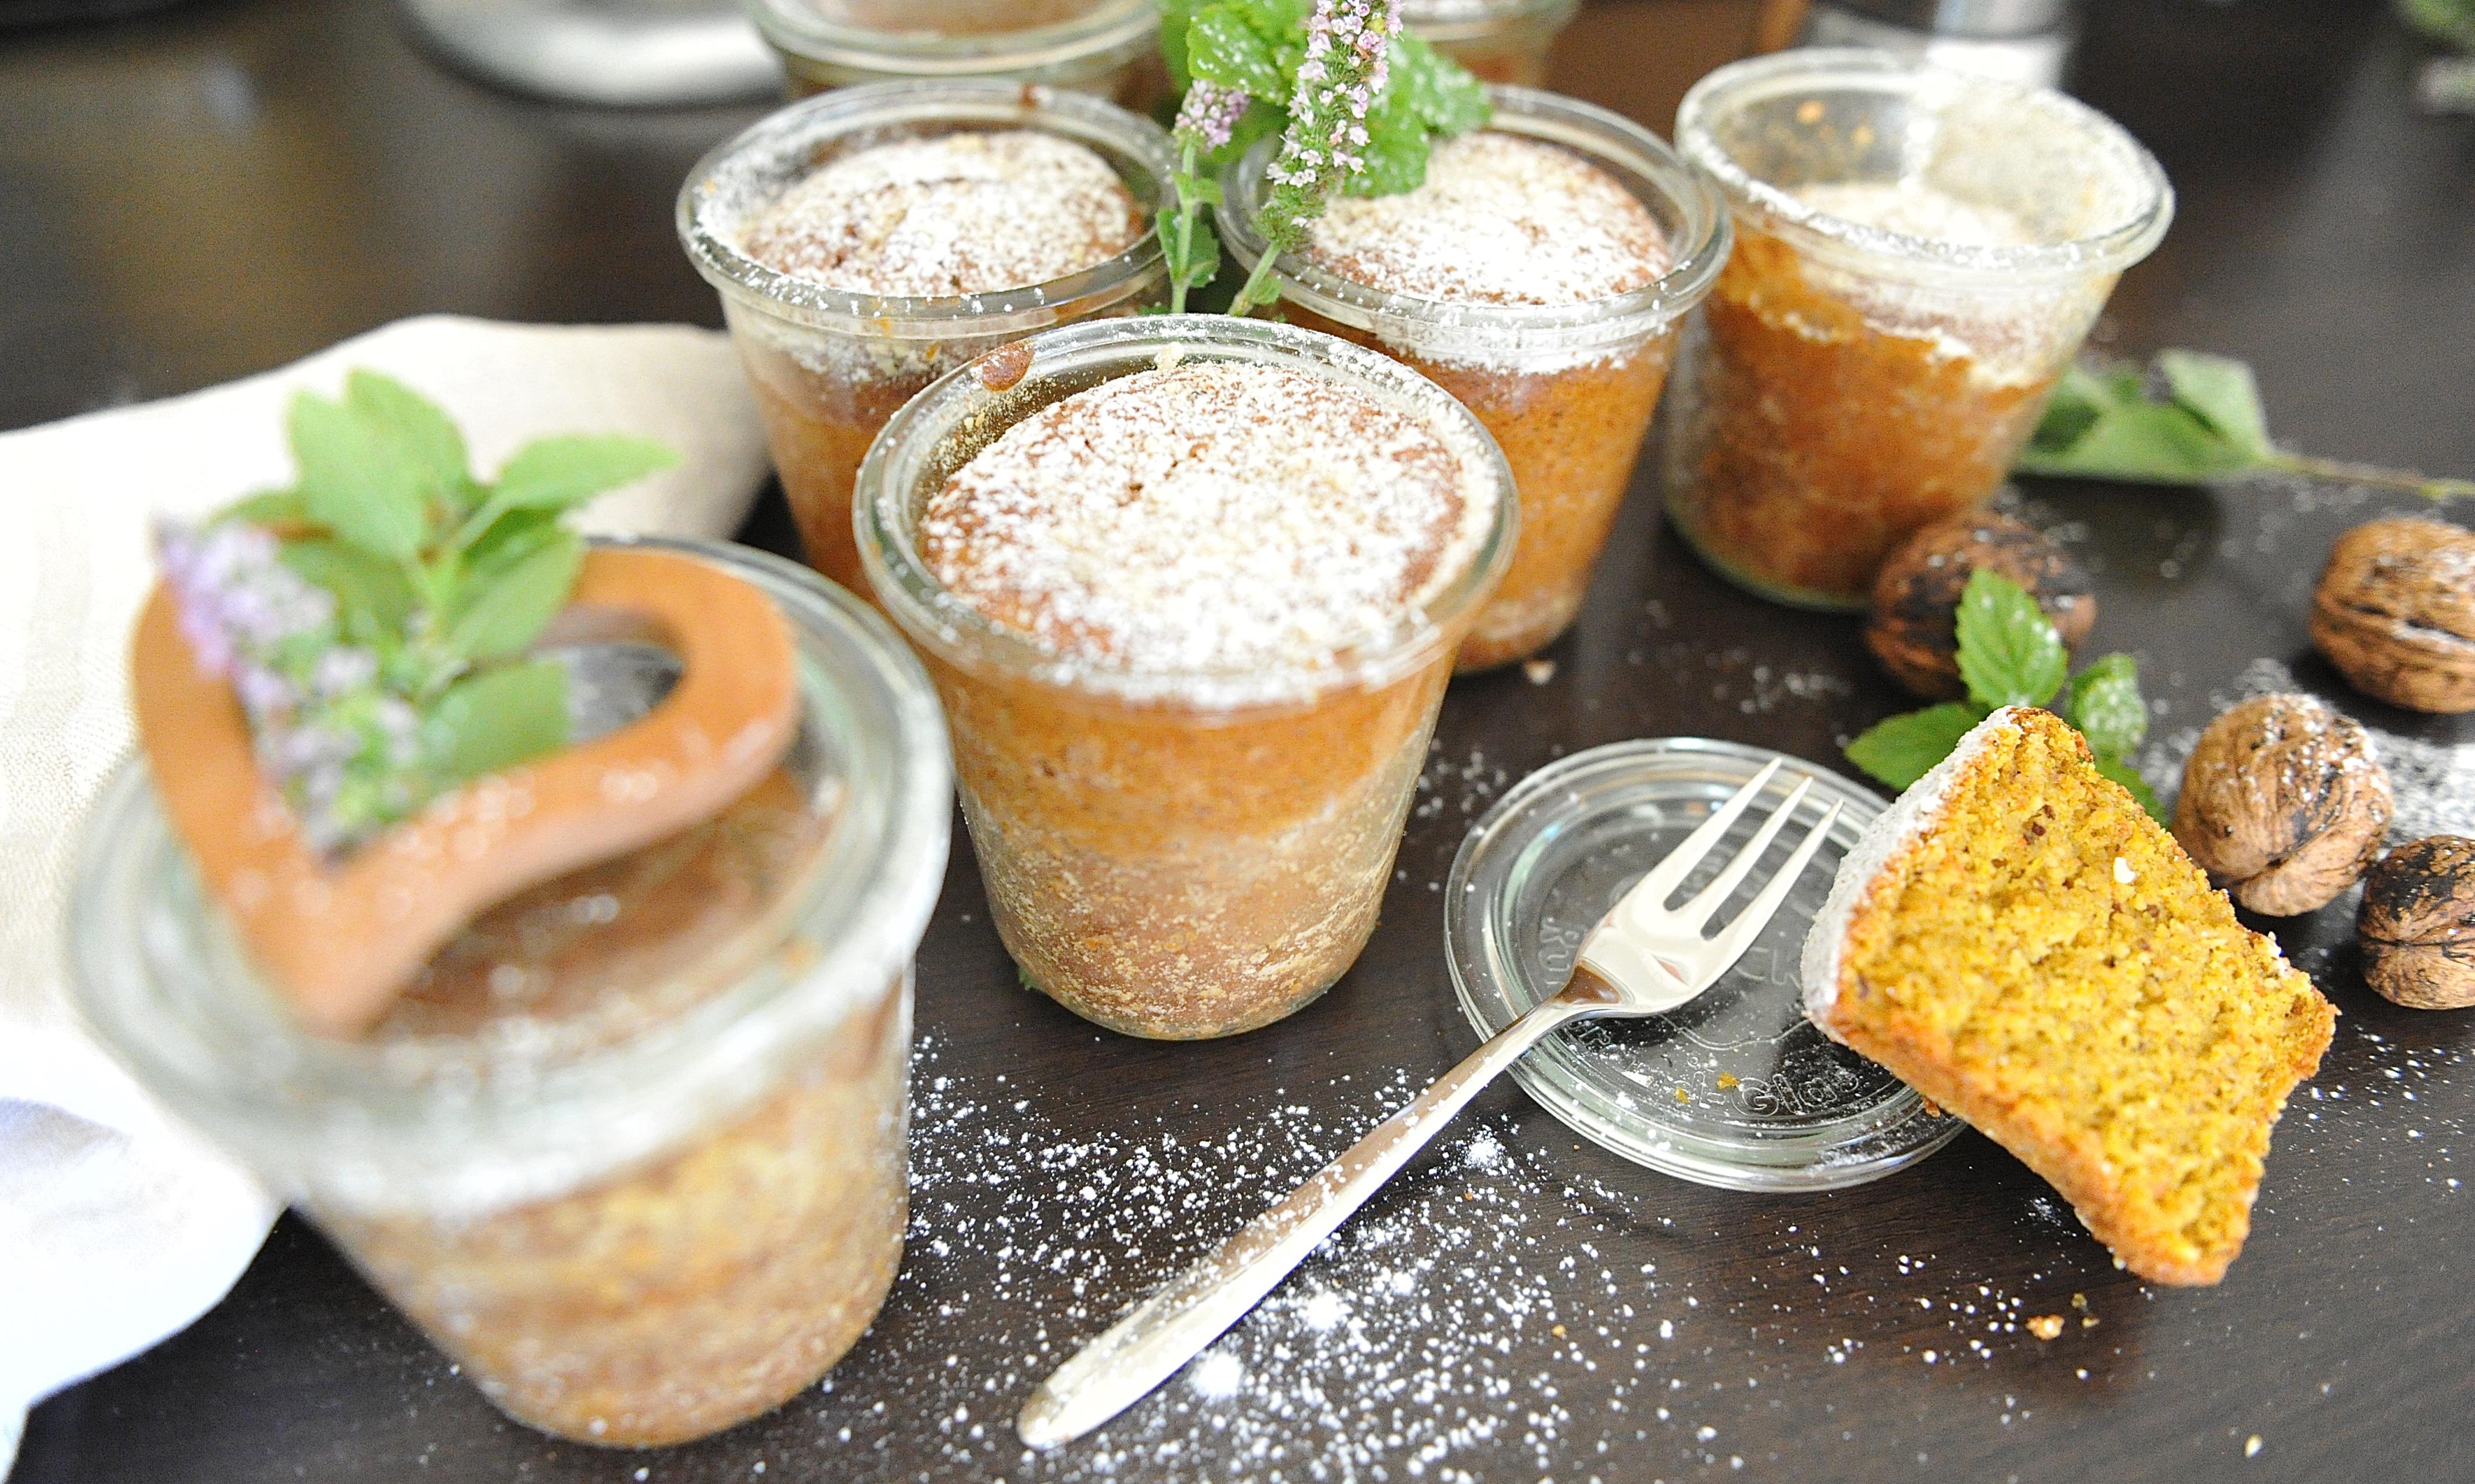 Kürbis-Nusskuchen im Glas gebacken